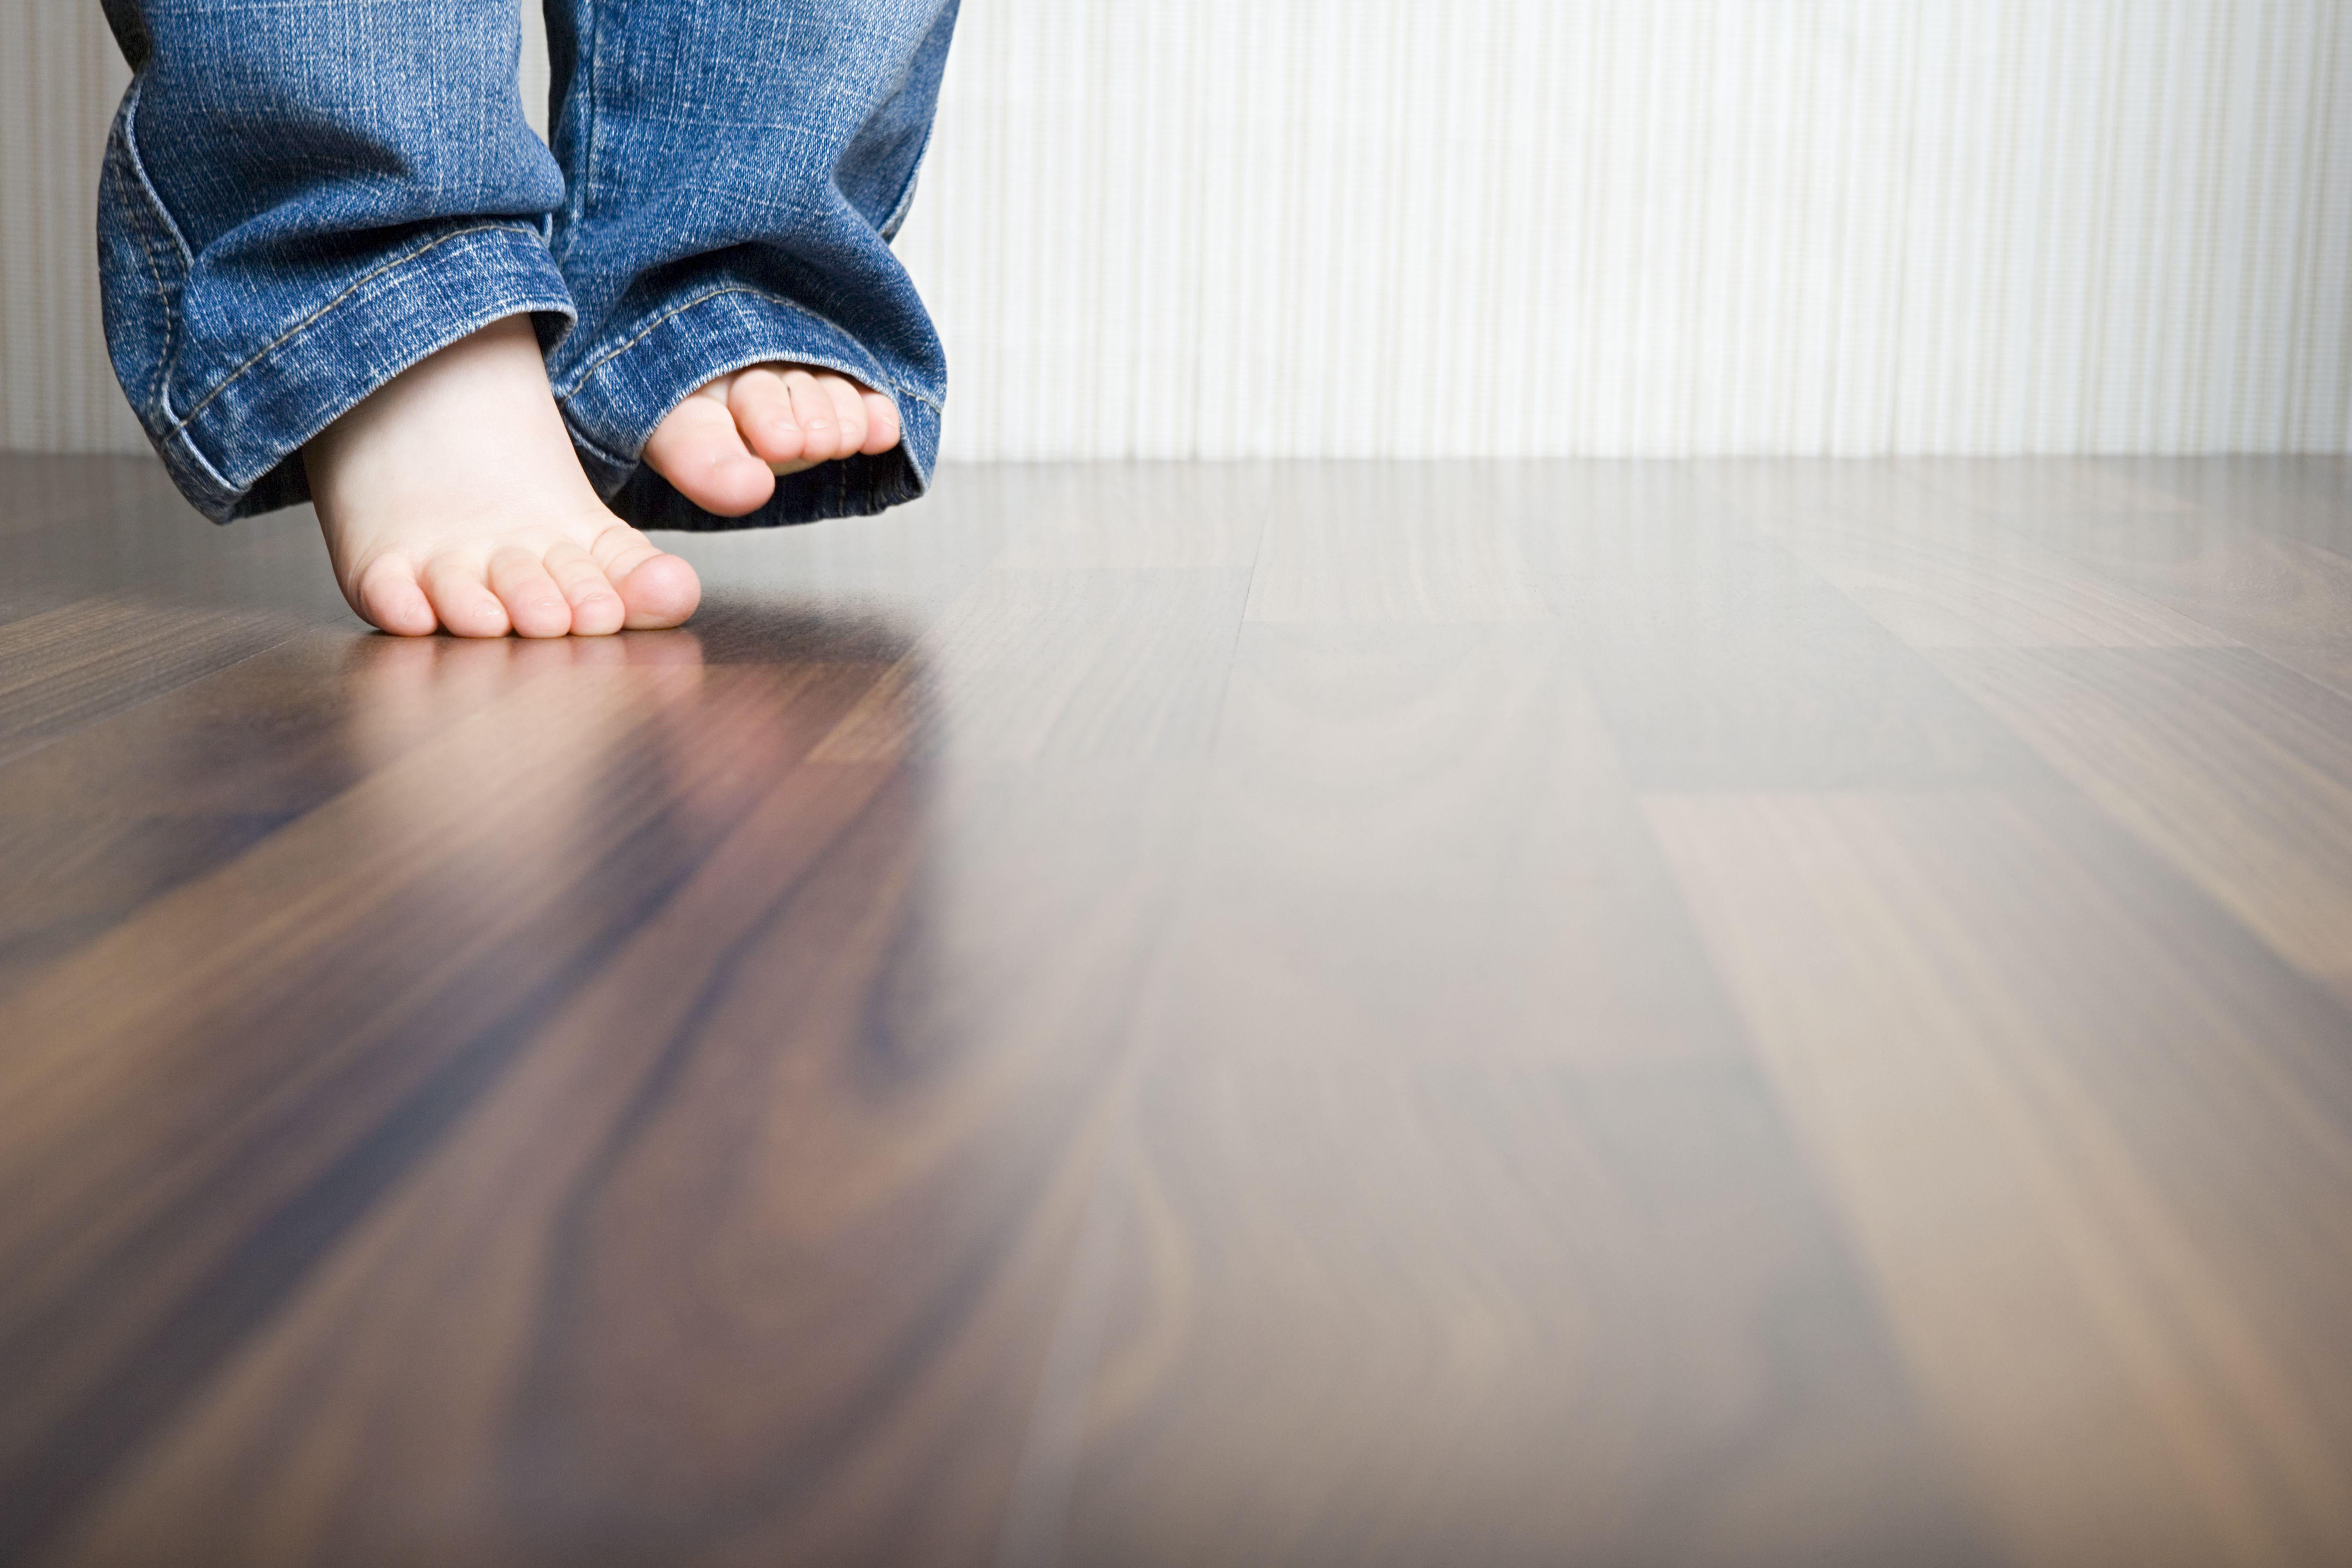 hardwood floor refinishing waterville me of how to clean hardwood floors best way to clean wood flooring with regard to 1512149908 gettyimages 75403973